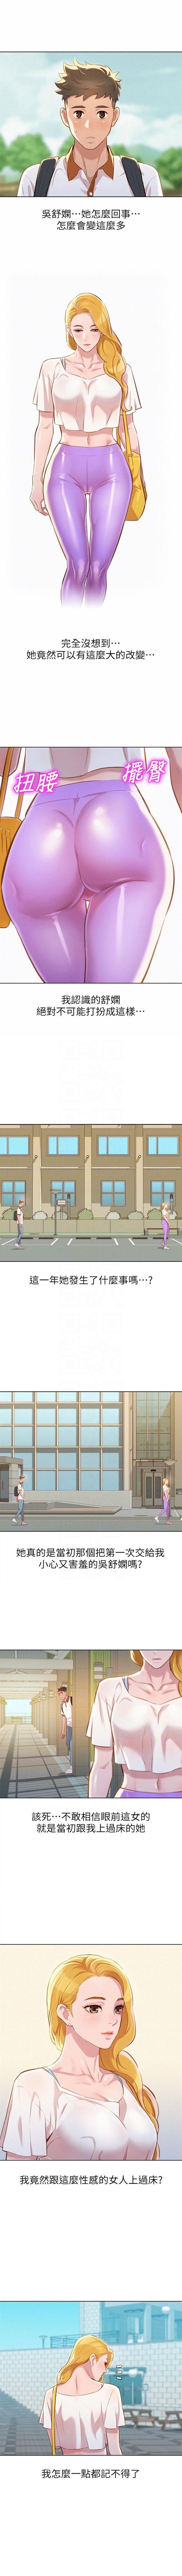 (週7)漂亮幹姐姐  1-92 中文翻譯 (更新中) 322